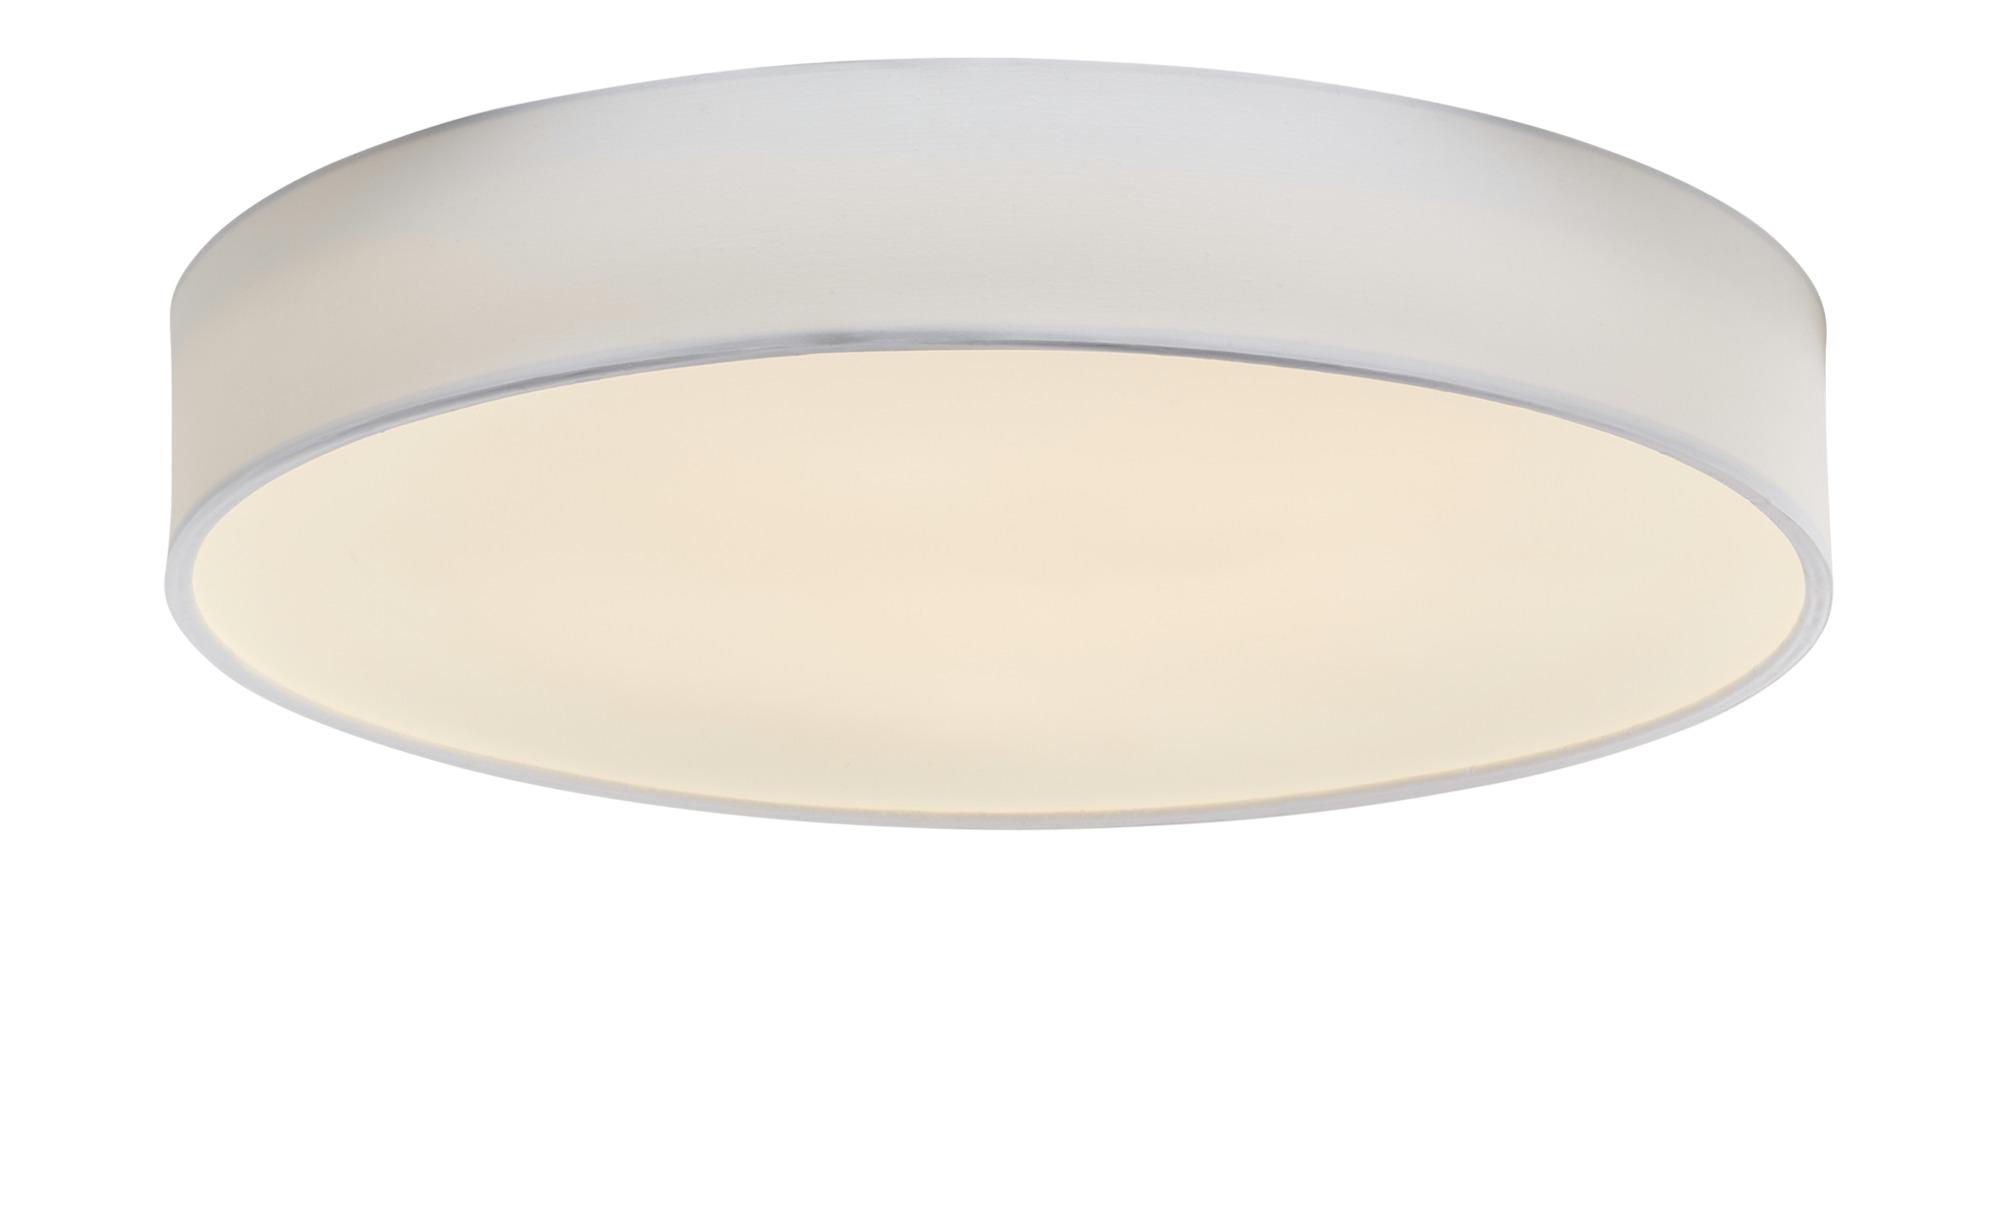 Trio LED-Deckenleuchte mit Stoffschirm ¦ weißØ: [60.0] Lampen & Leuchten > Innenleuchten > Deckenleuchten - Höffner